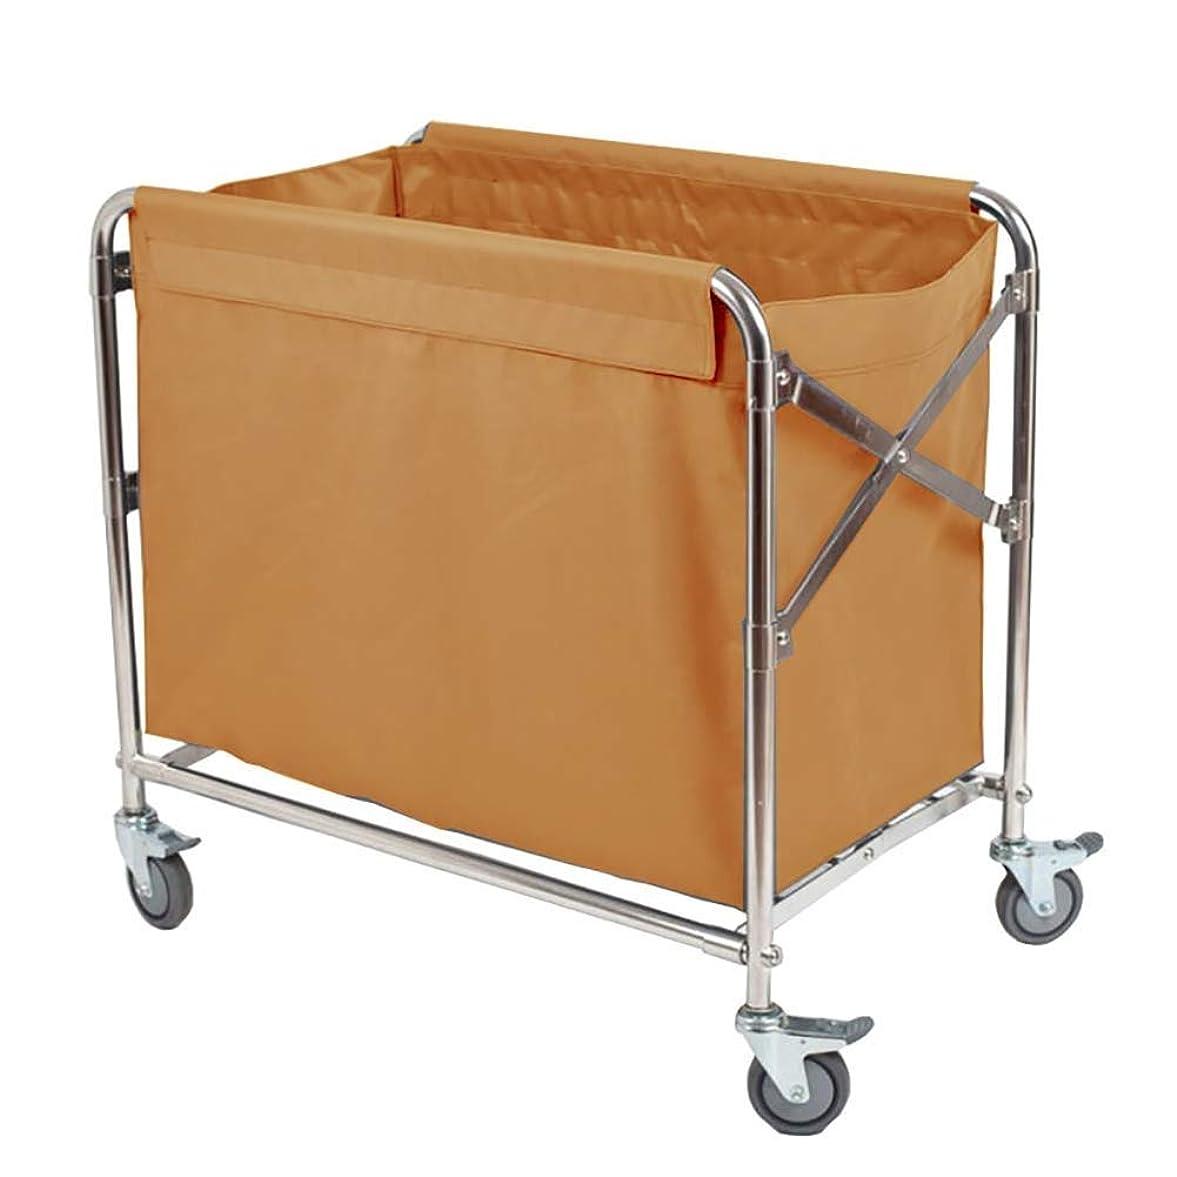 神経マディソンいじめっ子ホテルのための仕事の家のカート用具の折る洗濯の選別機のカート、普遍的なブレーキ車輪が付いている麻布の圧延カート